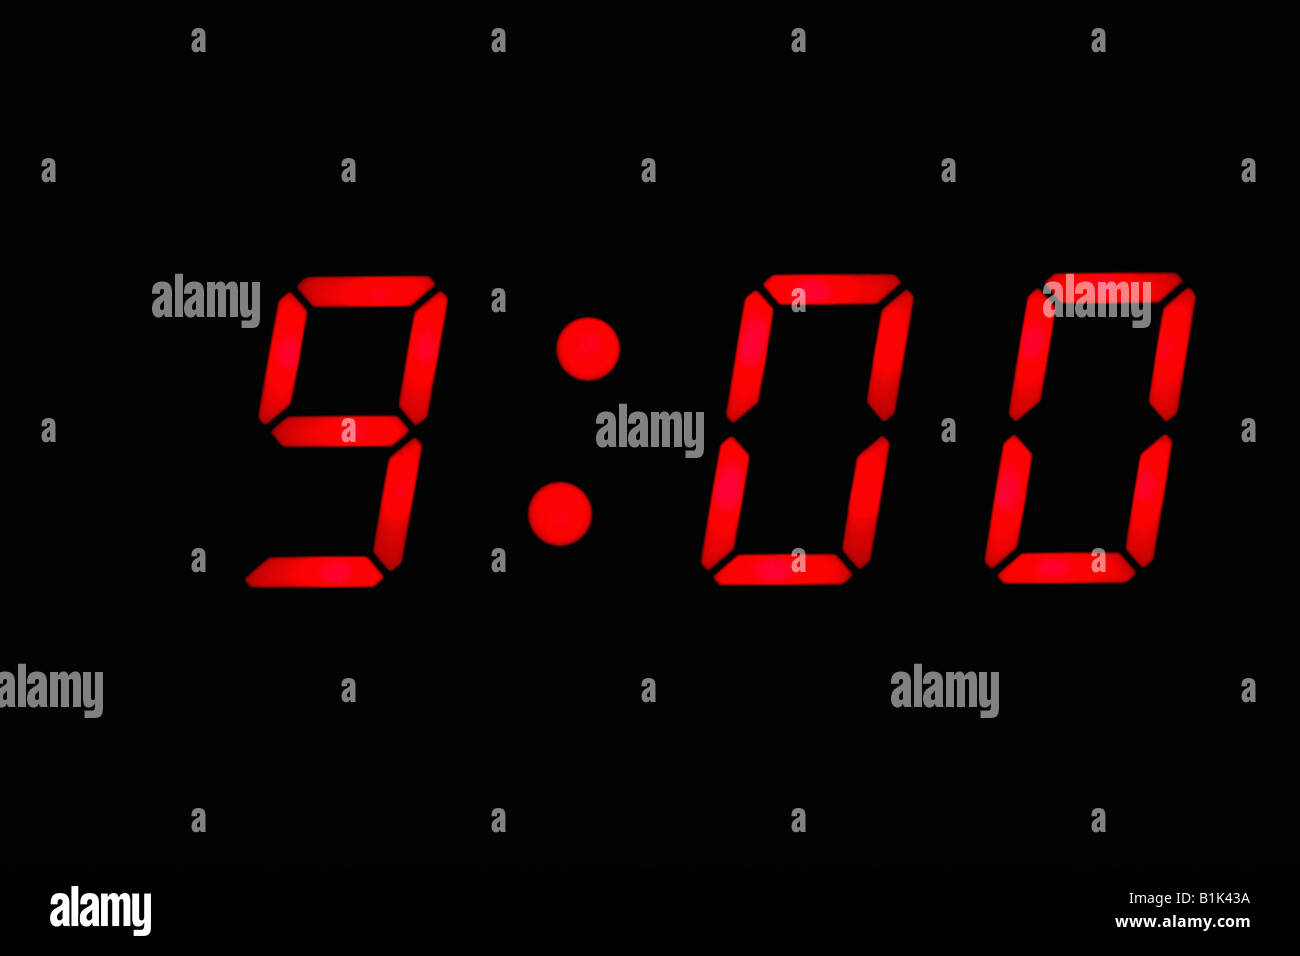 Digital Clock Clipart - ClipartBarn